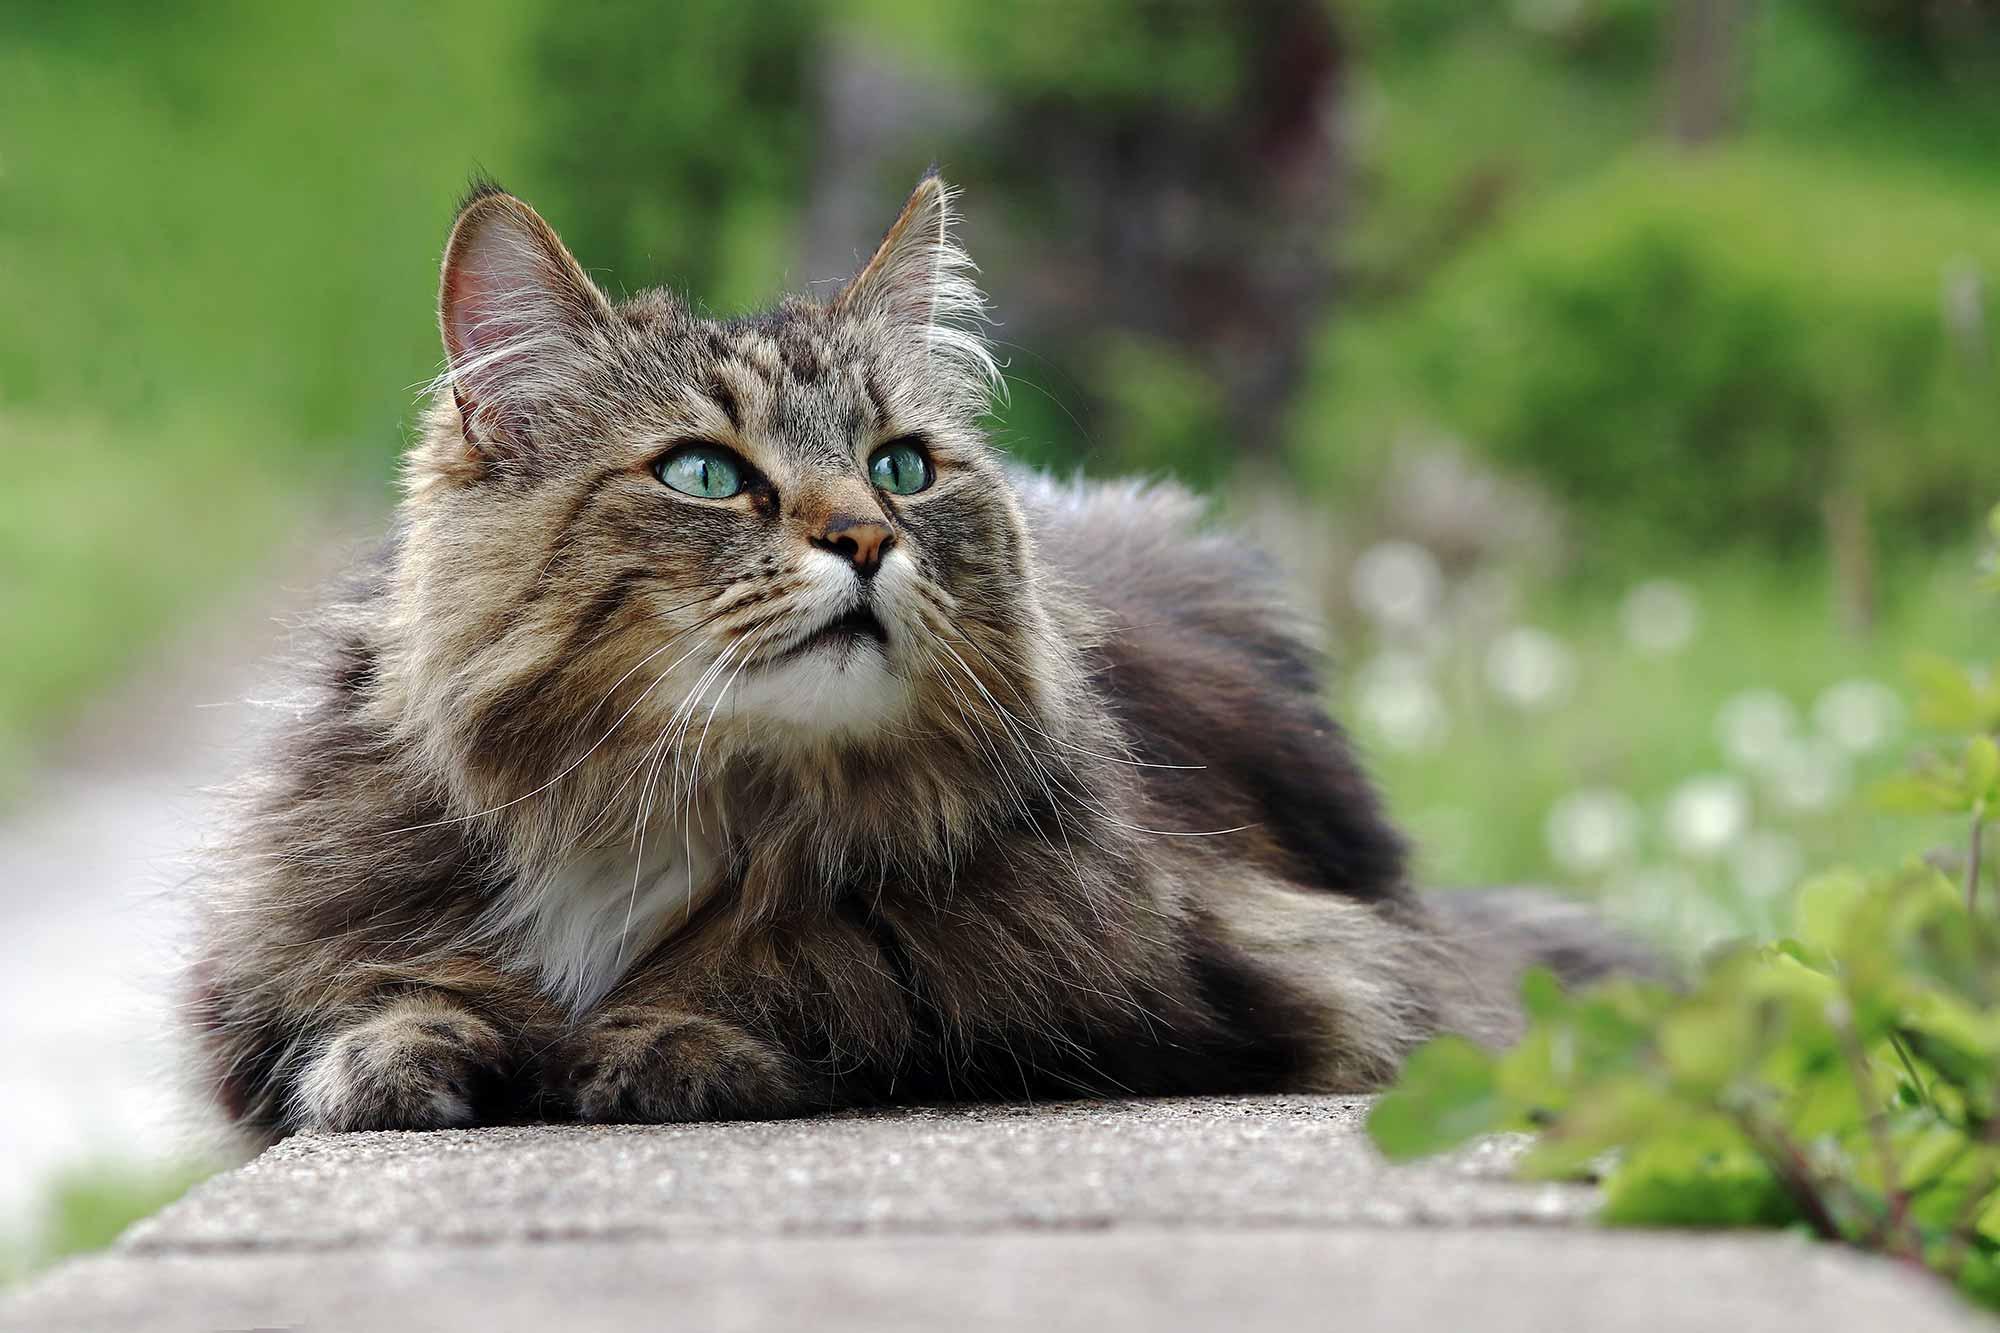 Katzen anti kaufen allergiker Katzenrassen